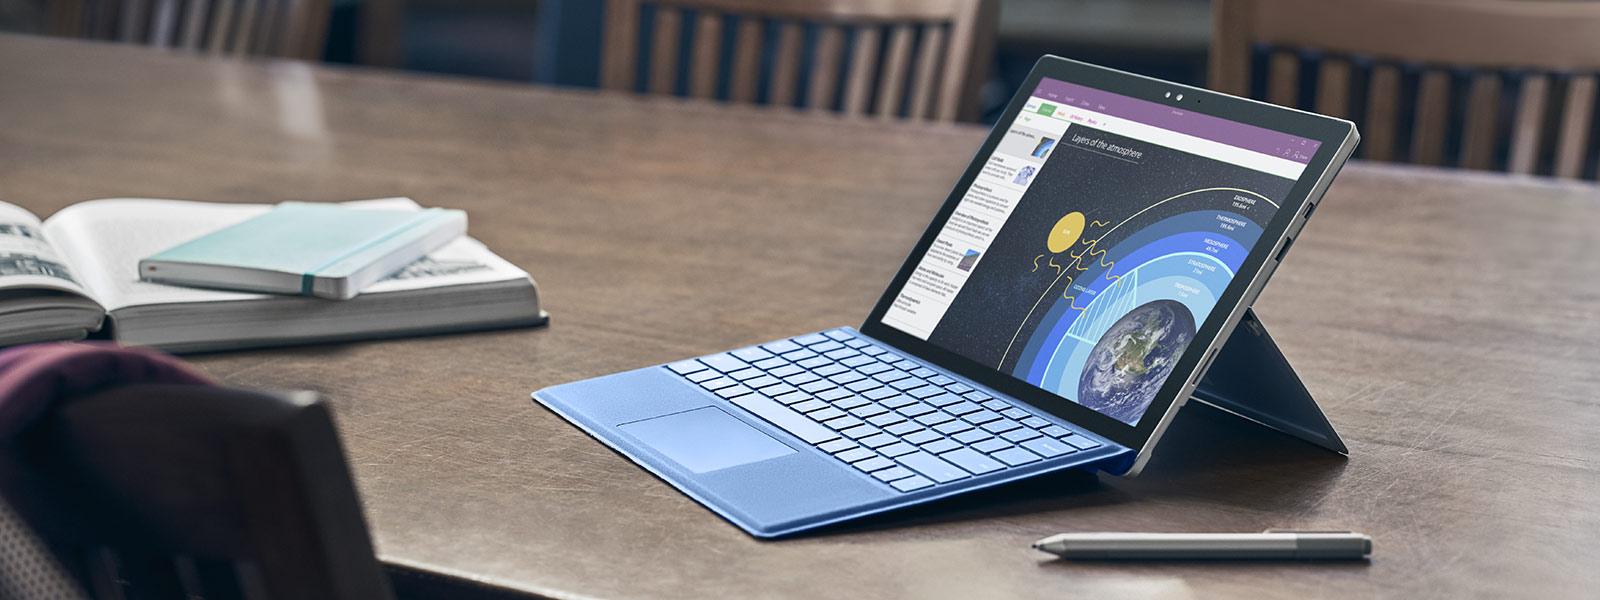 Surface 펜 및 마우스와 함께 Pro 4 모드 상태로 놓여 있는 Surface Pro 4.